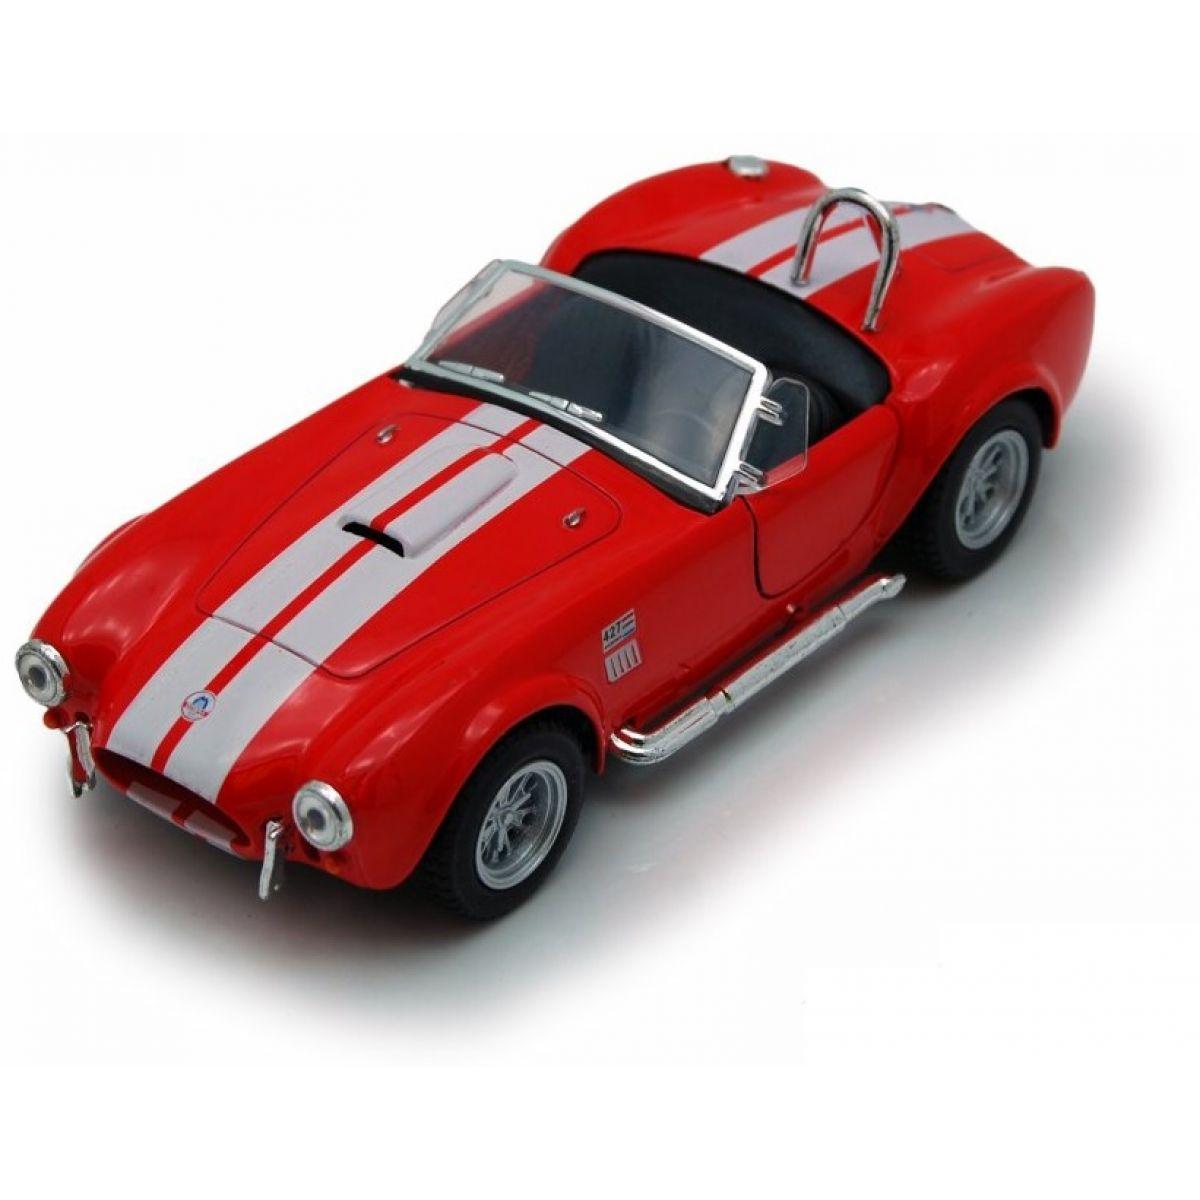 Kinsmart Auto Shelby Cobra 427 SC - Červená